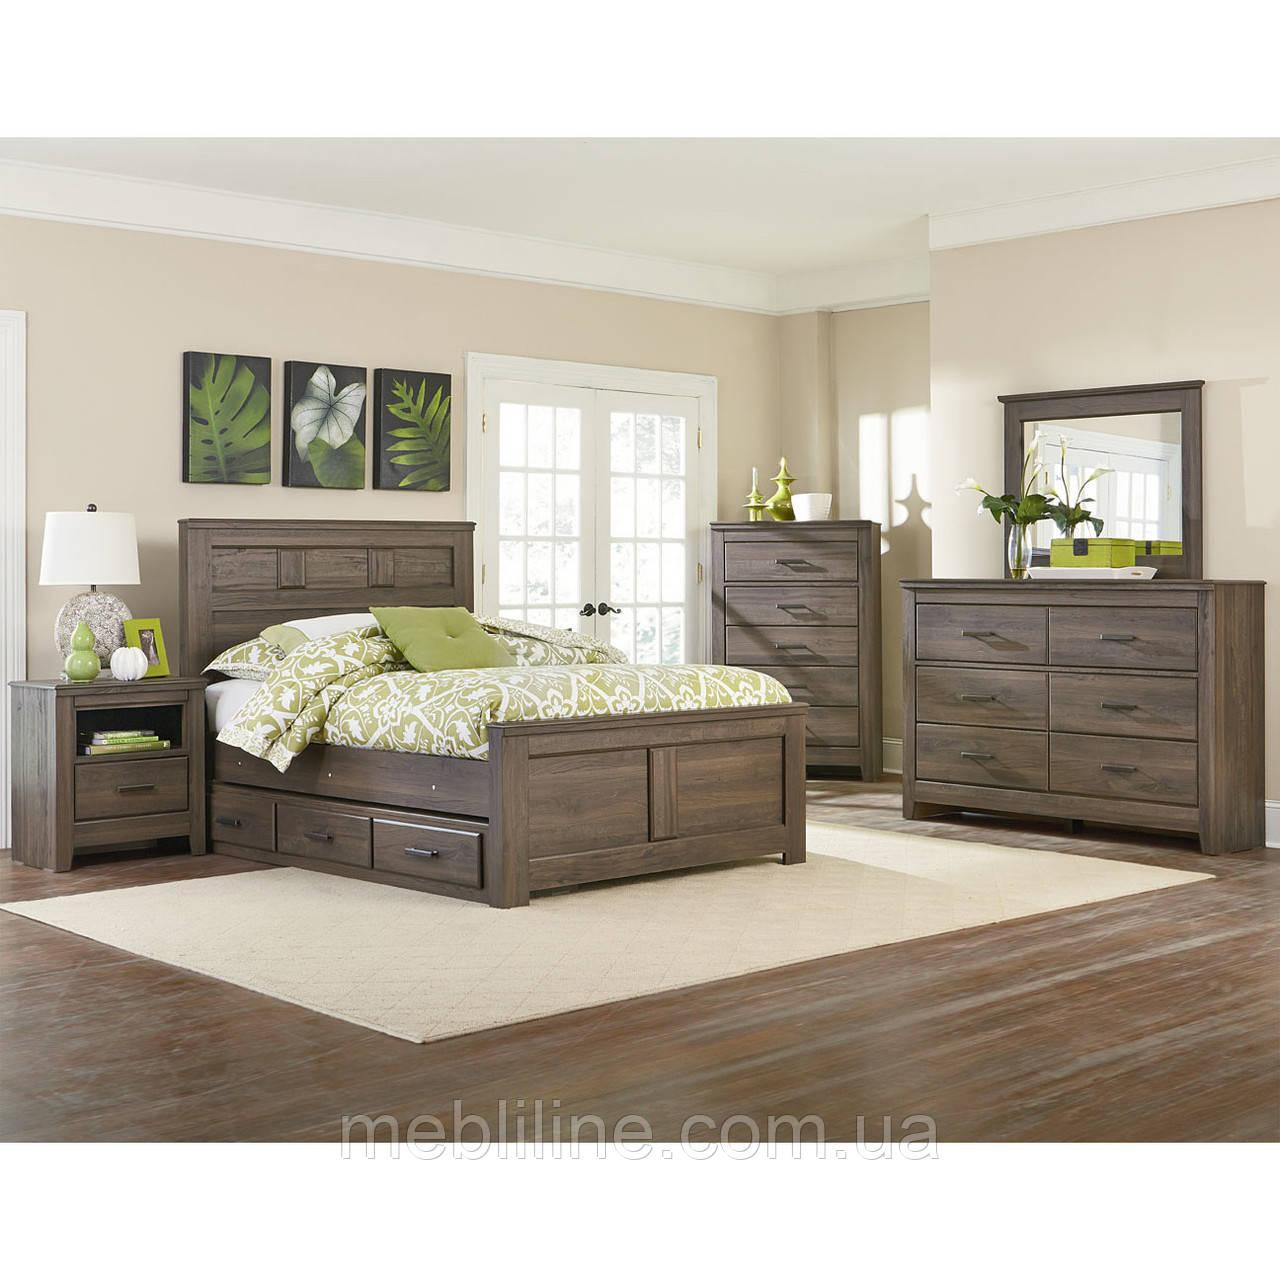 спальня из массива дерева гайвард деревянный спальный гарнитур от